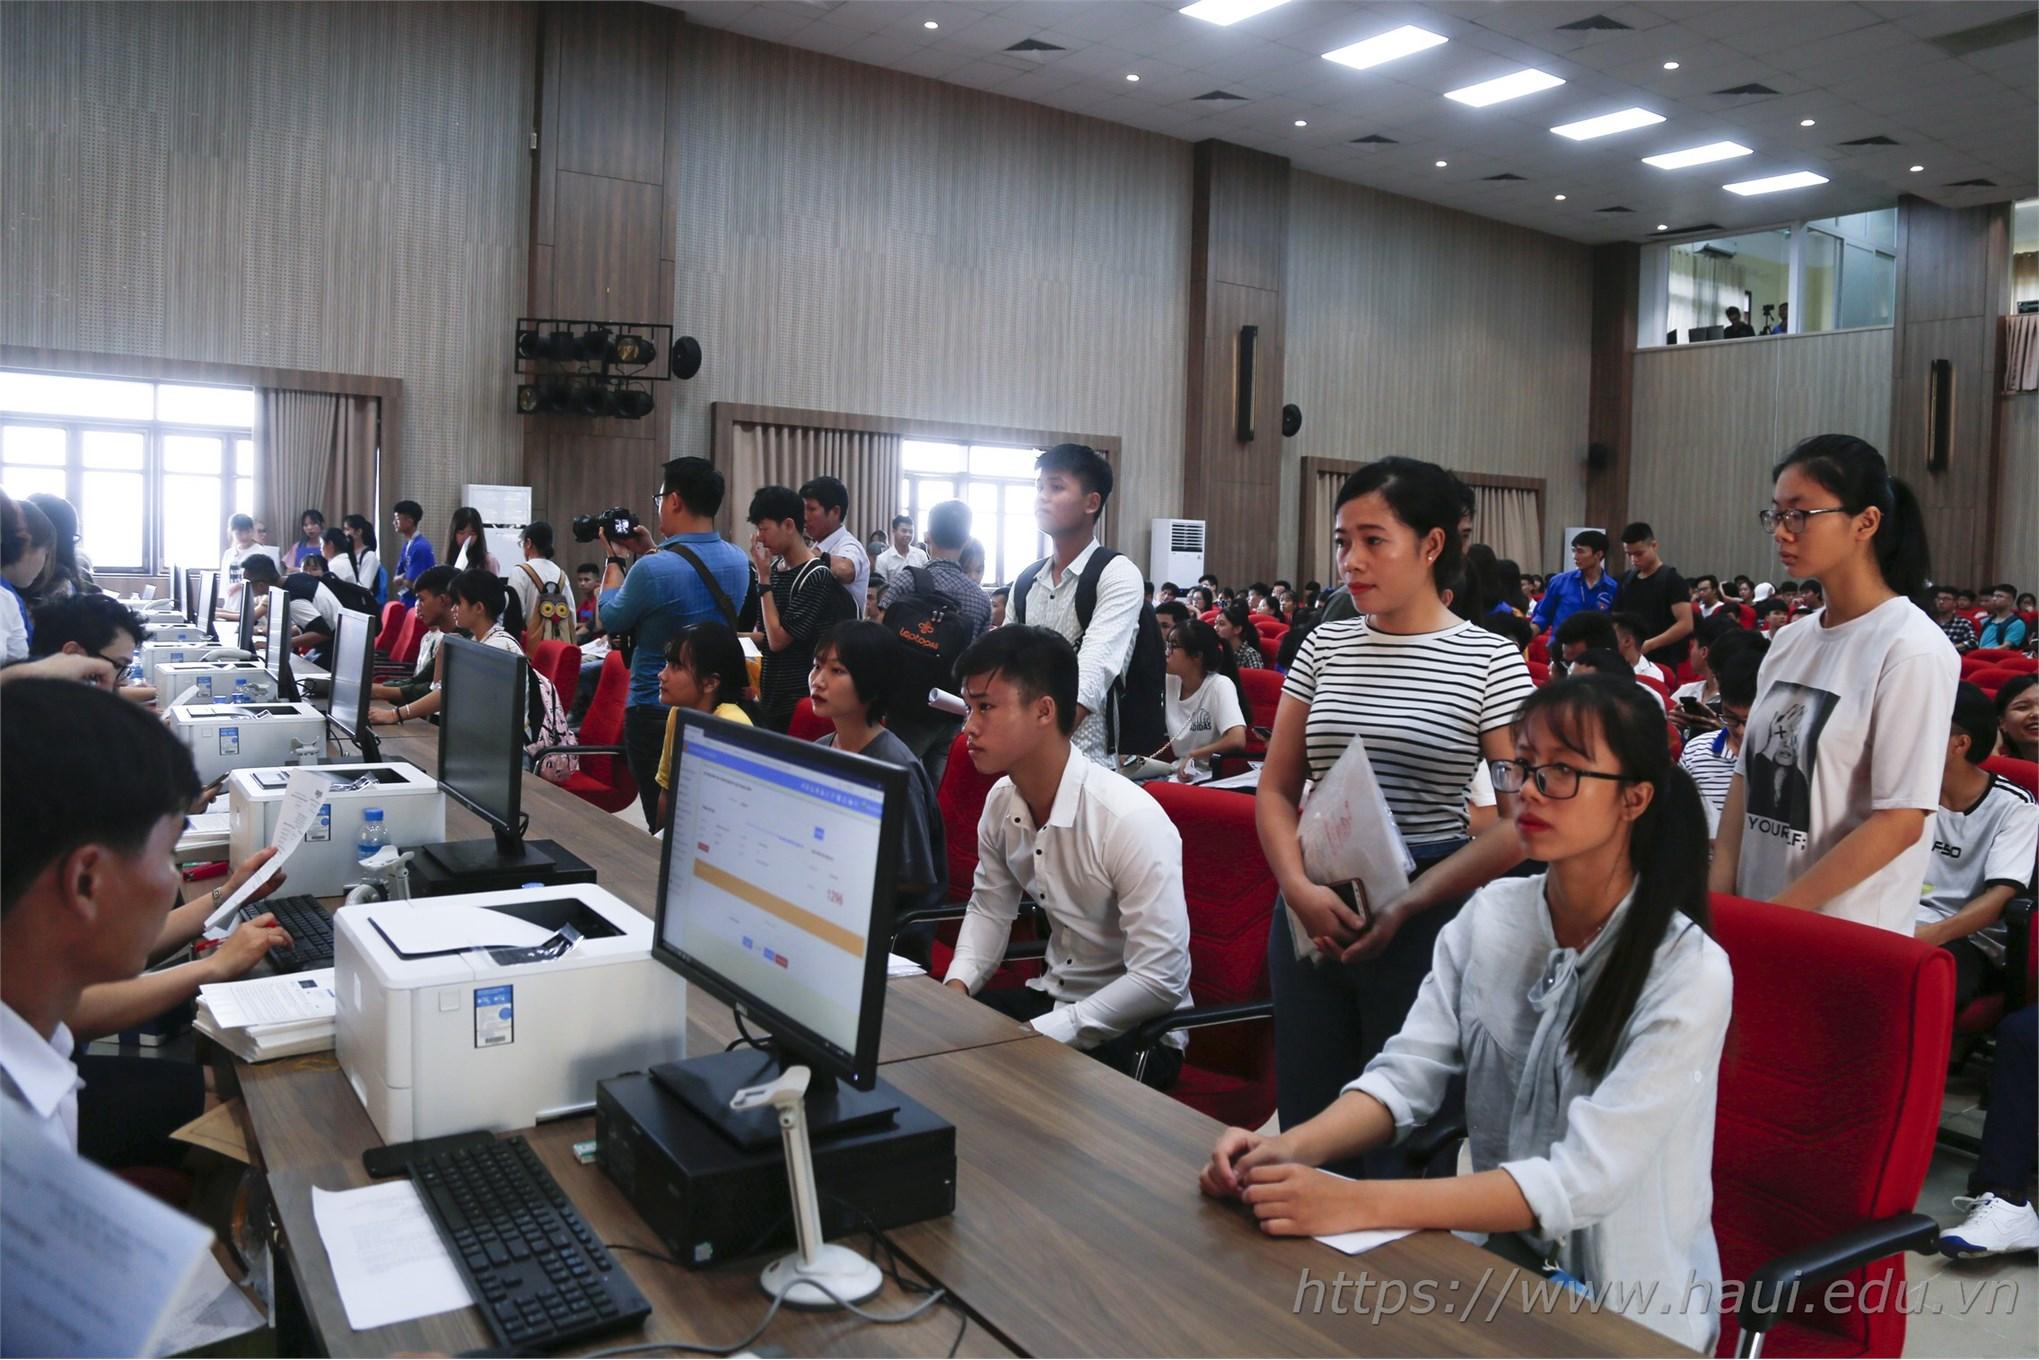 Thí sinh làm thủ tục nhập học tại Đại học Công nghiệp Hà Nội năm 2019